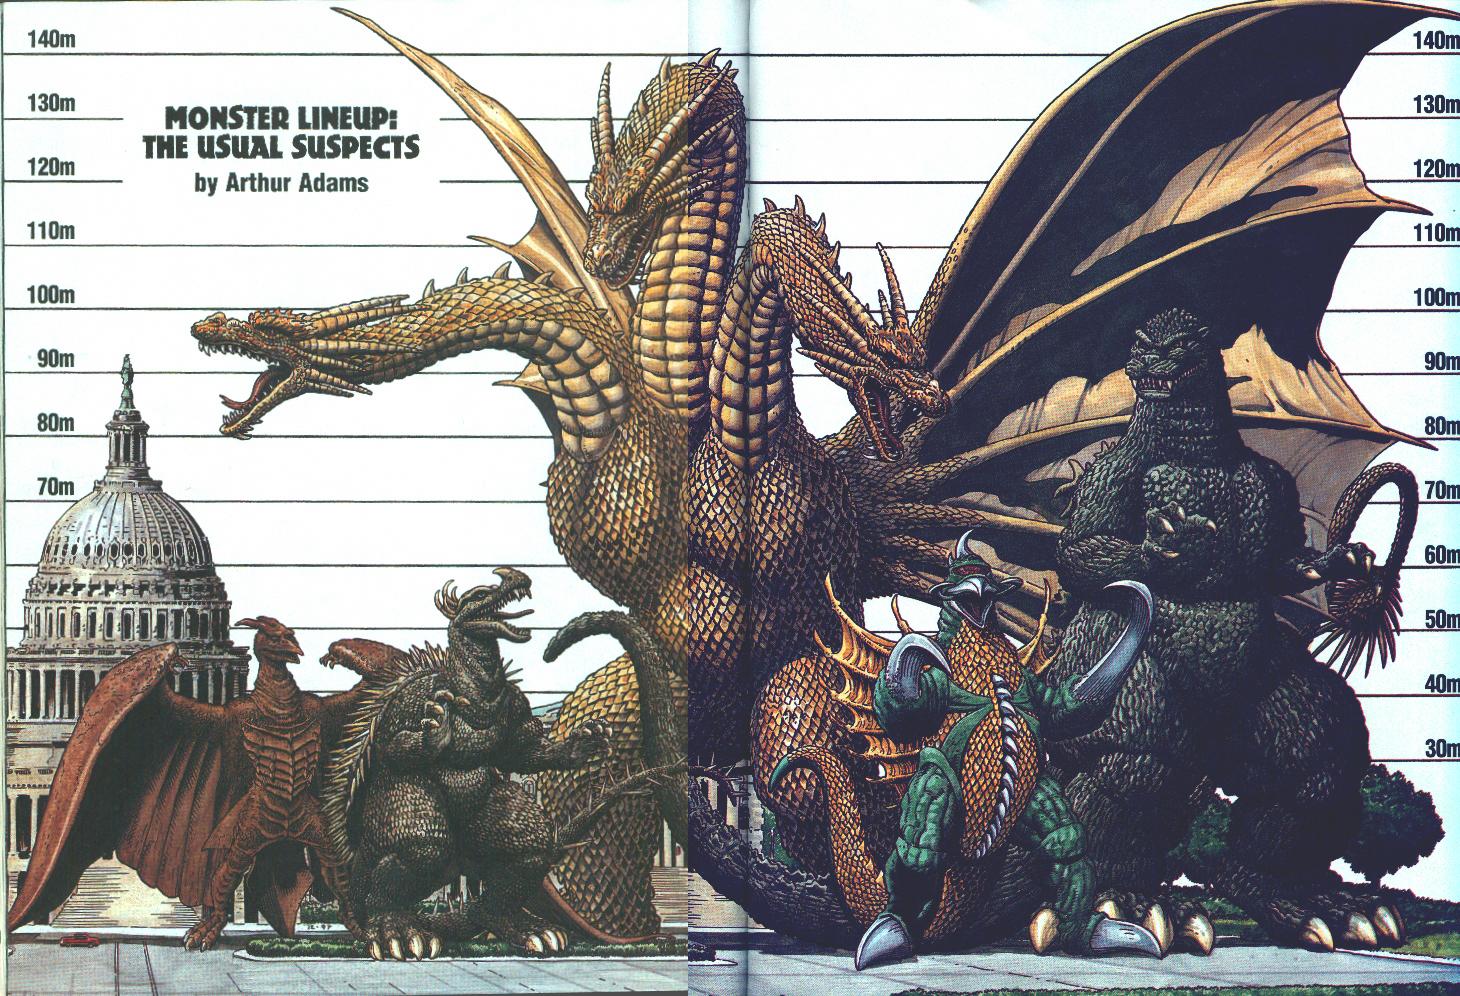 Godzilla Wallpaper 1460x996 Godzilla 1460x996